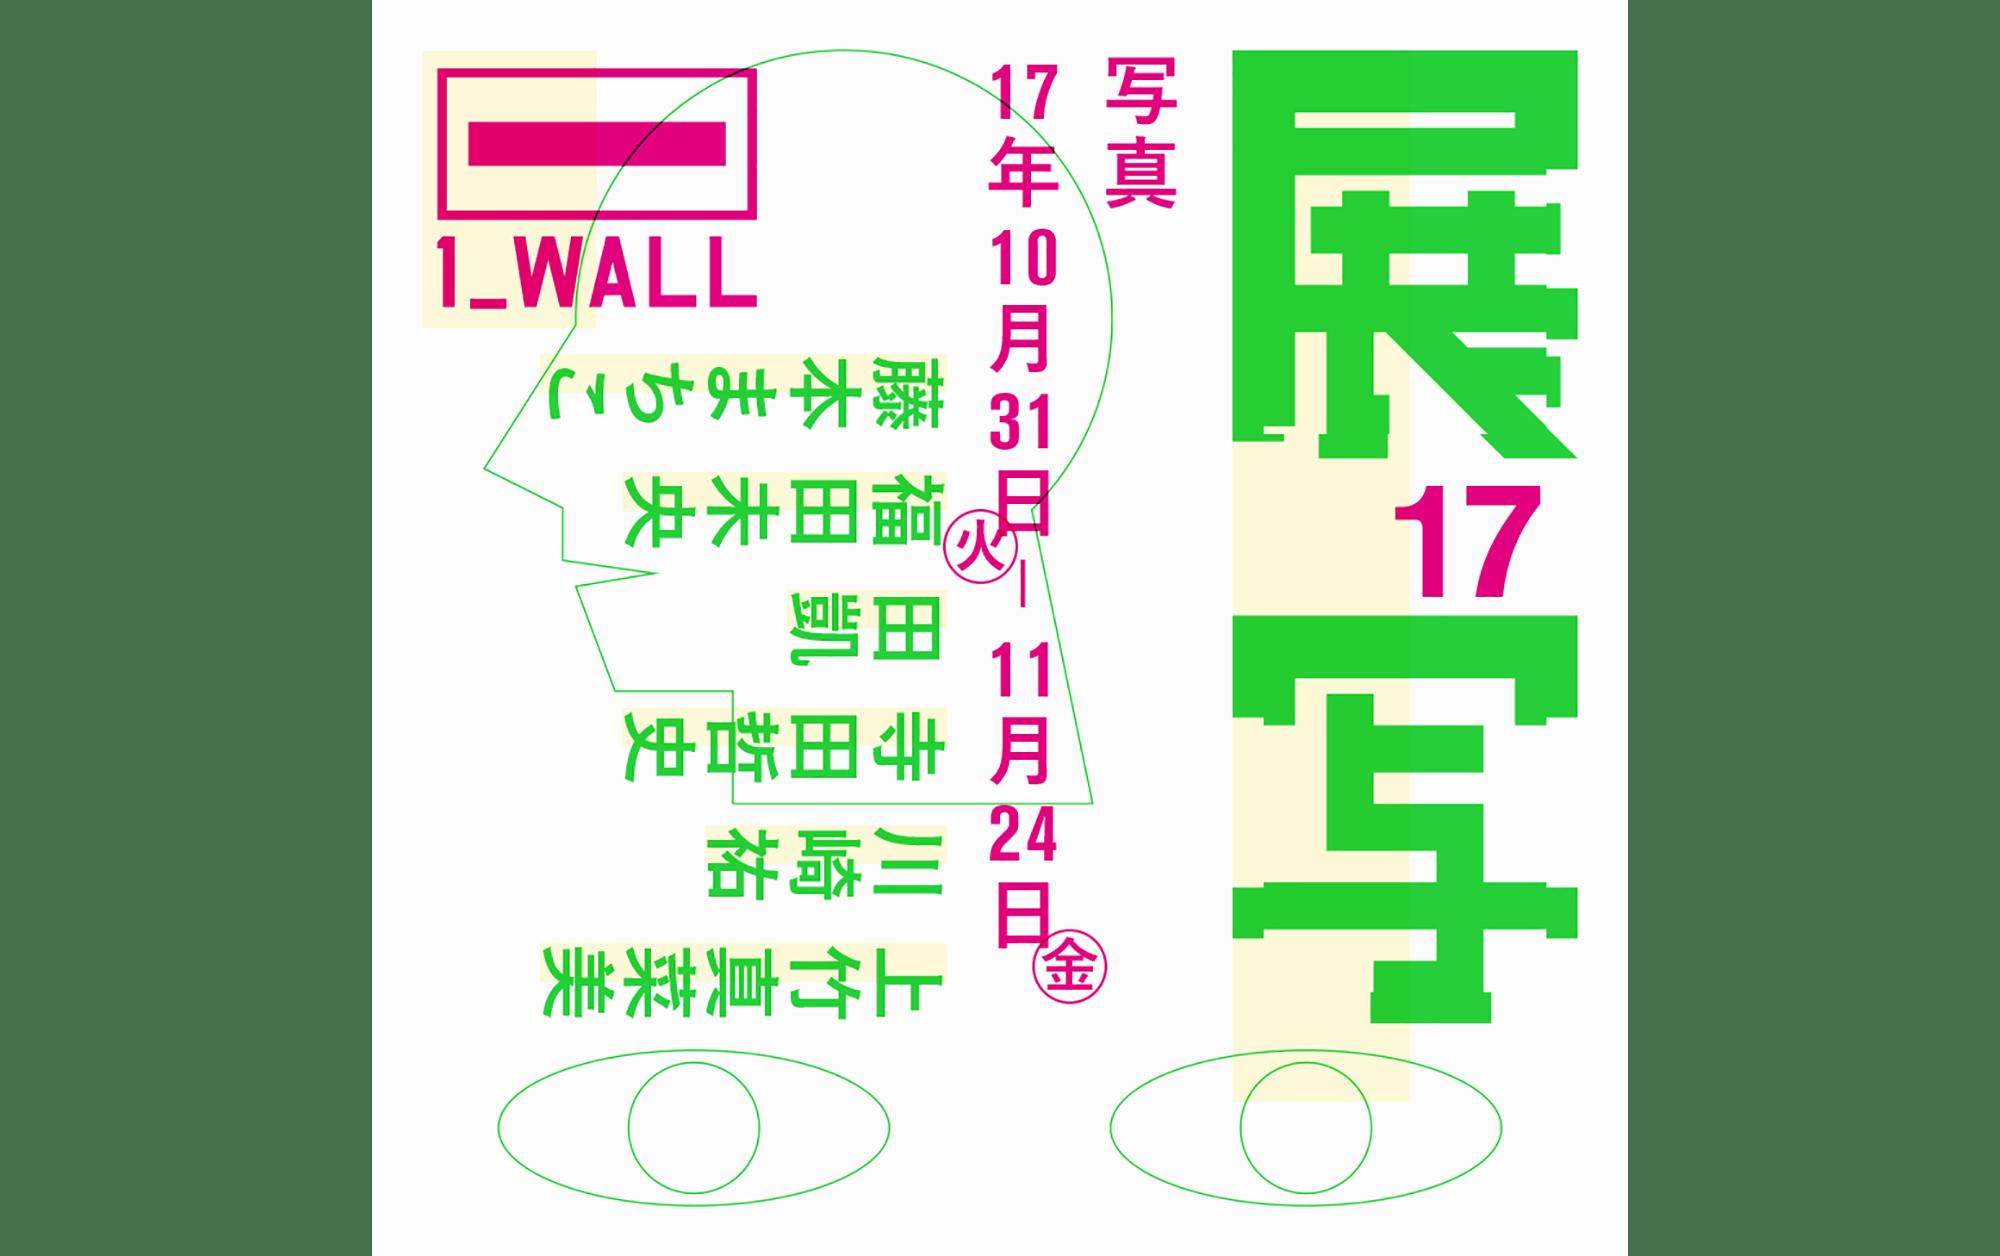 第17回「1_WALL」